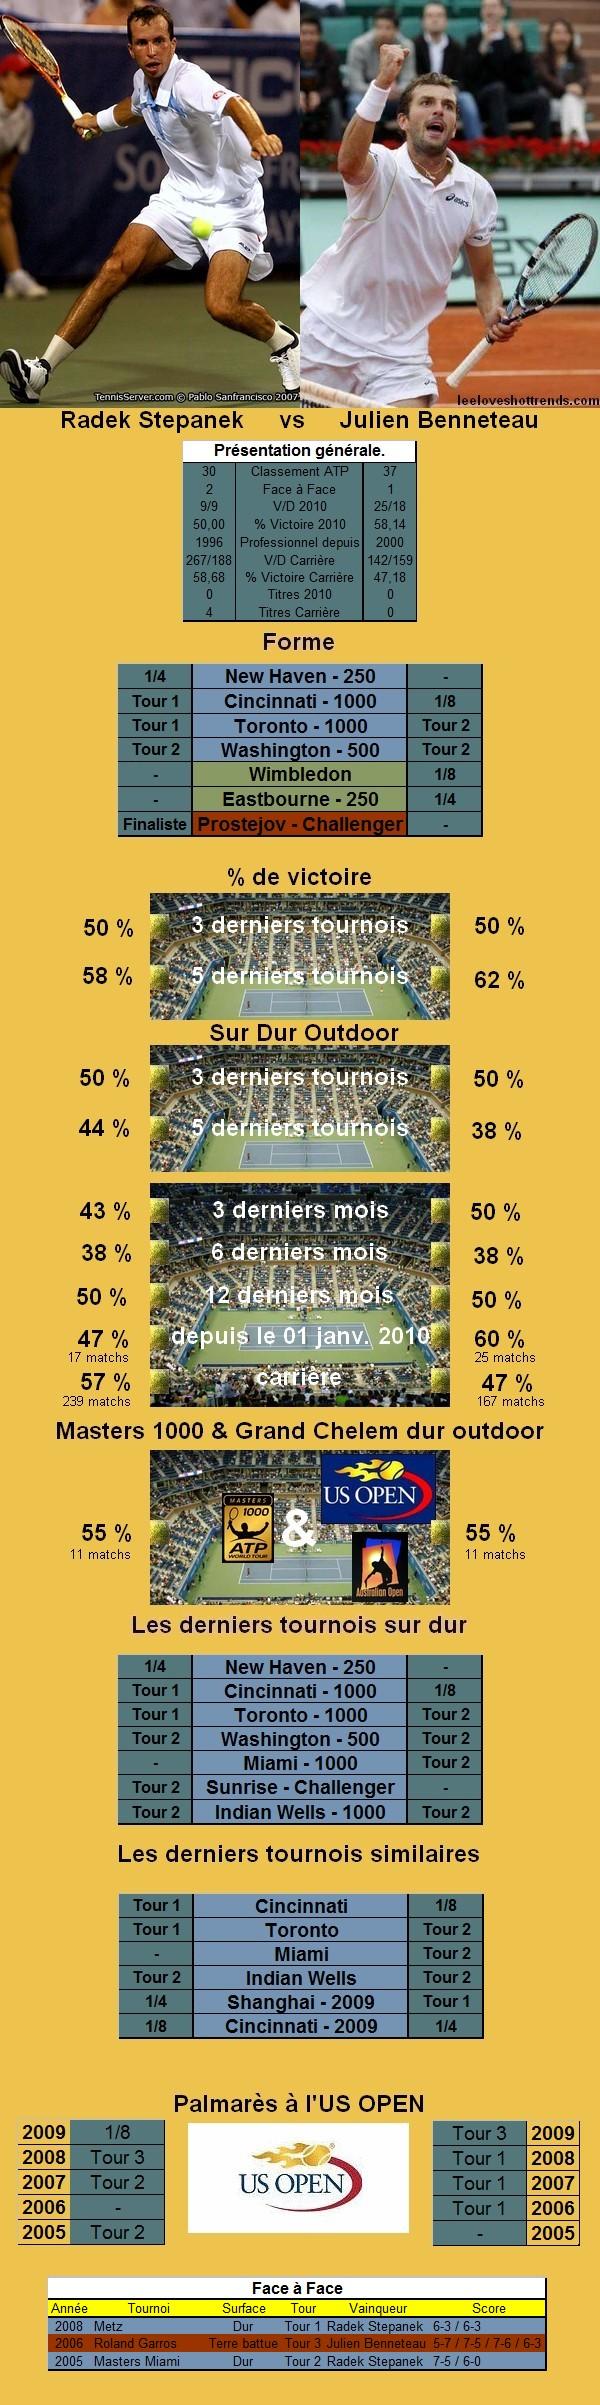 Statistiques tennis de Stepanek contre Benneteau à l'US OPEN